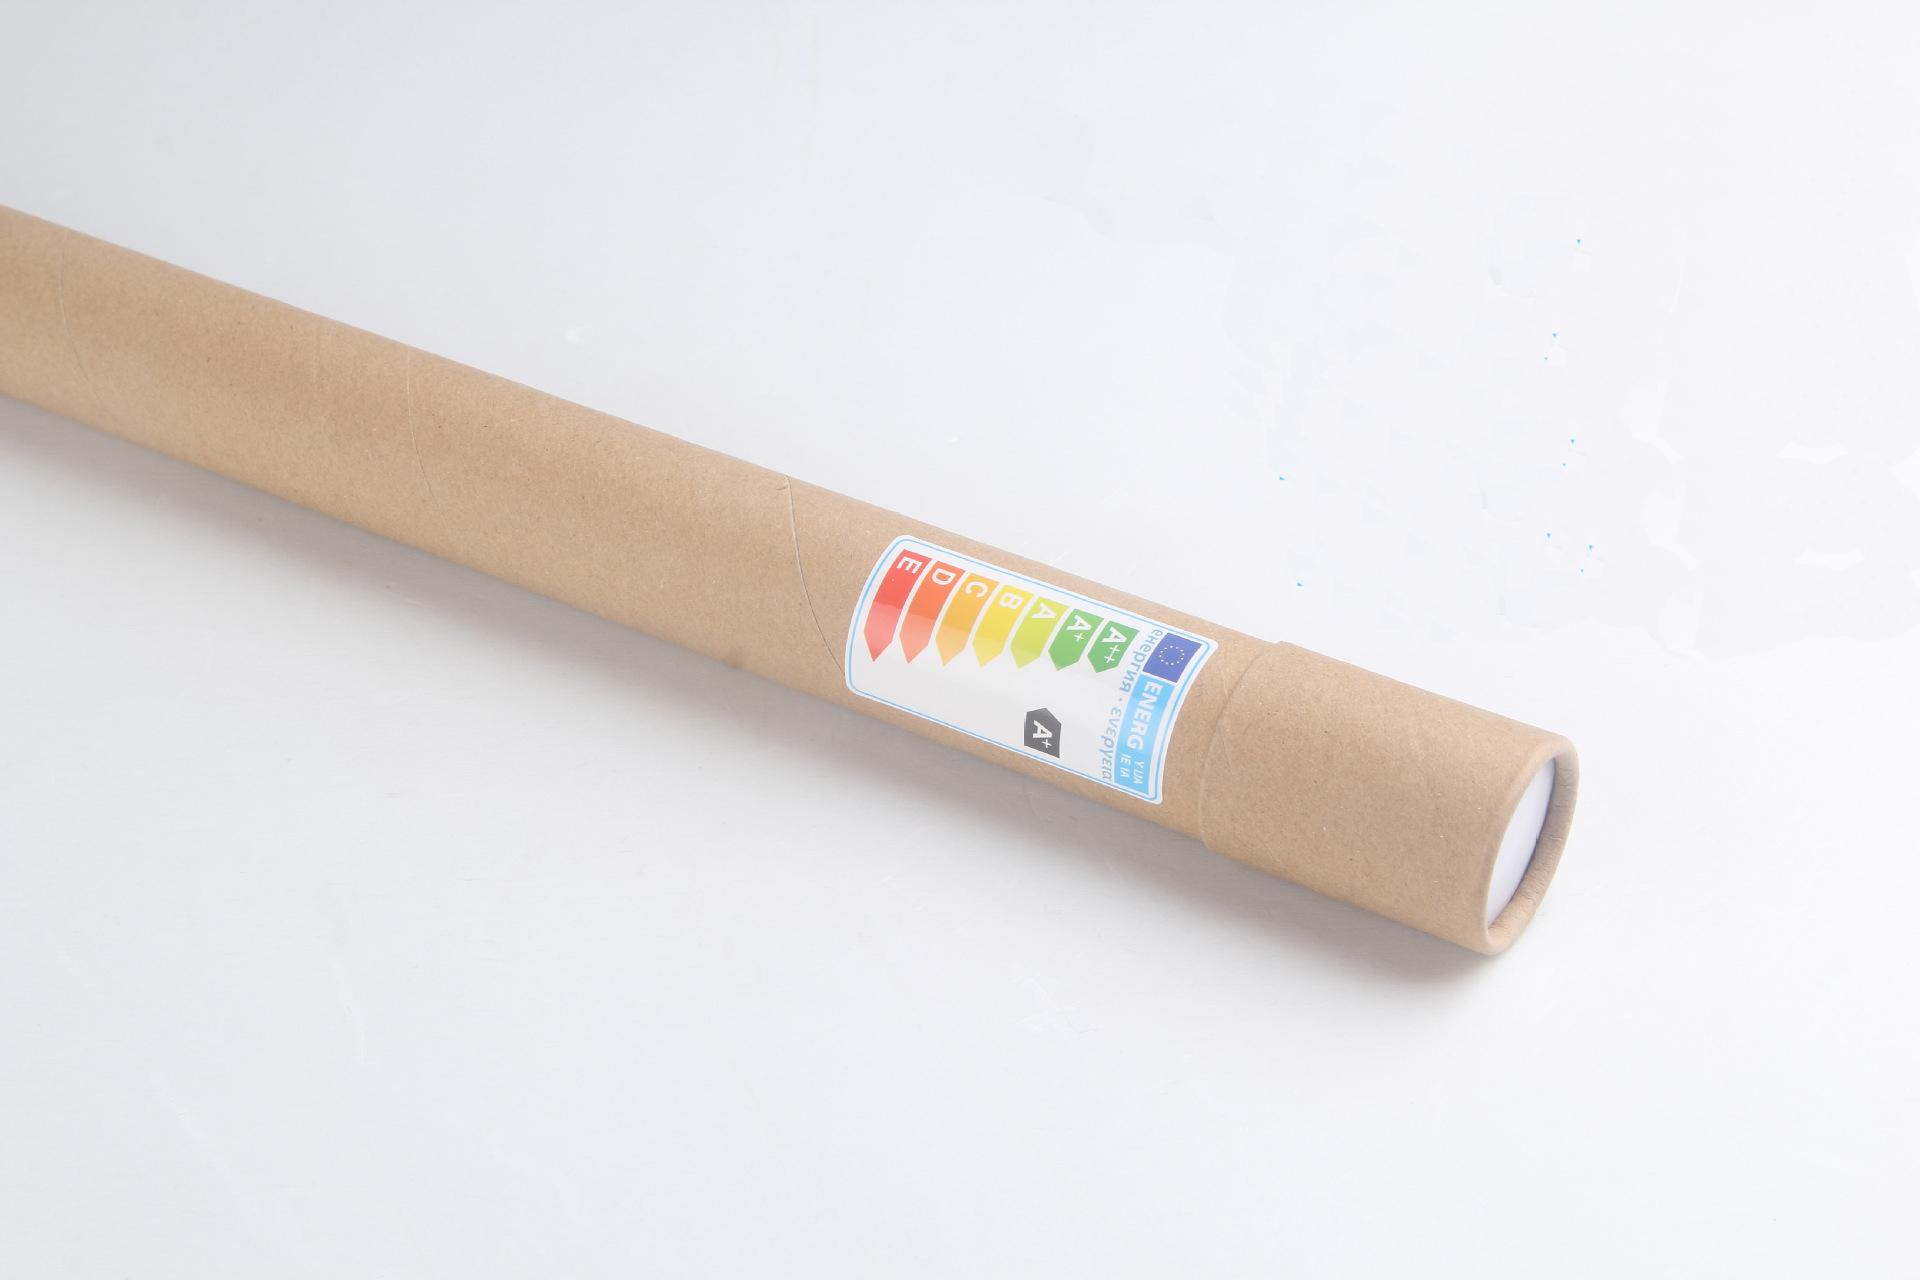 led tube light package